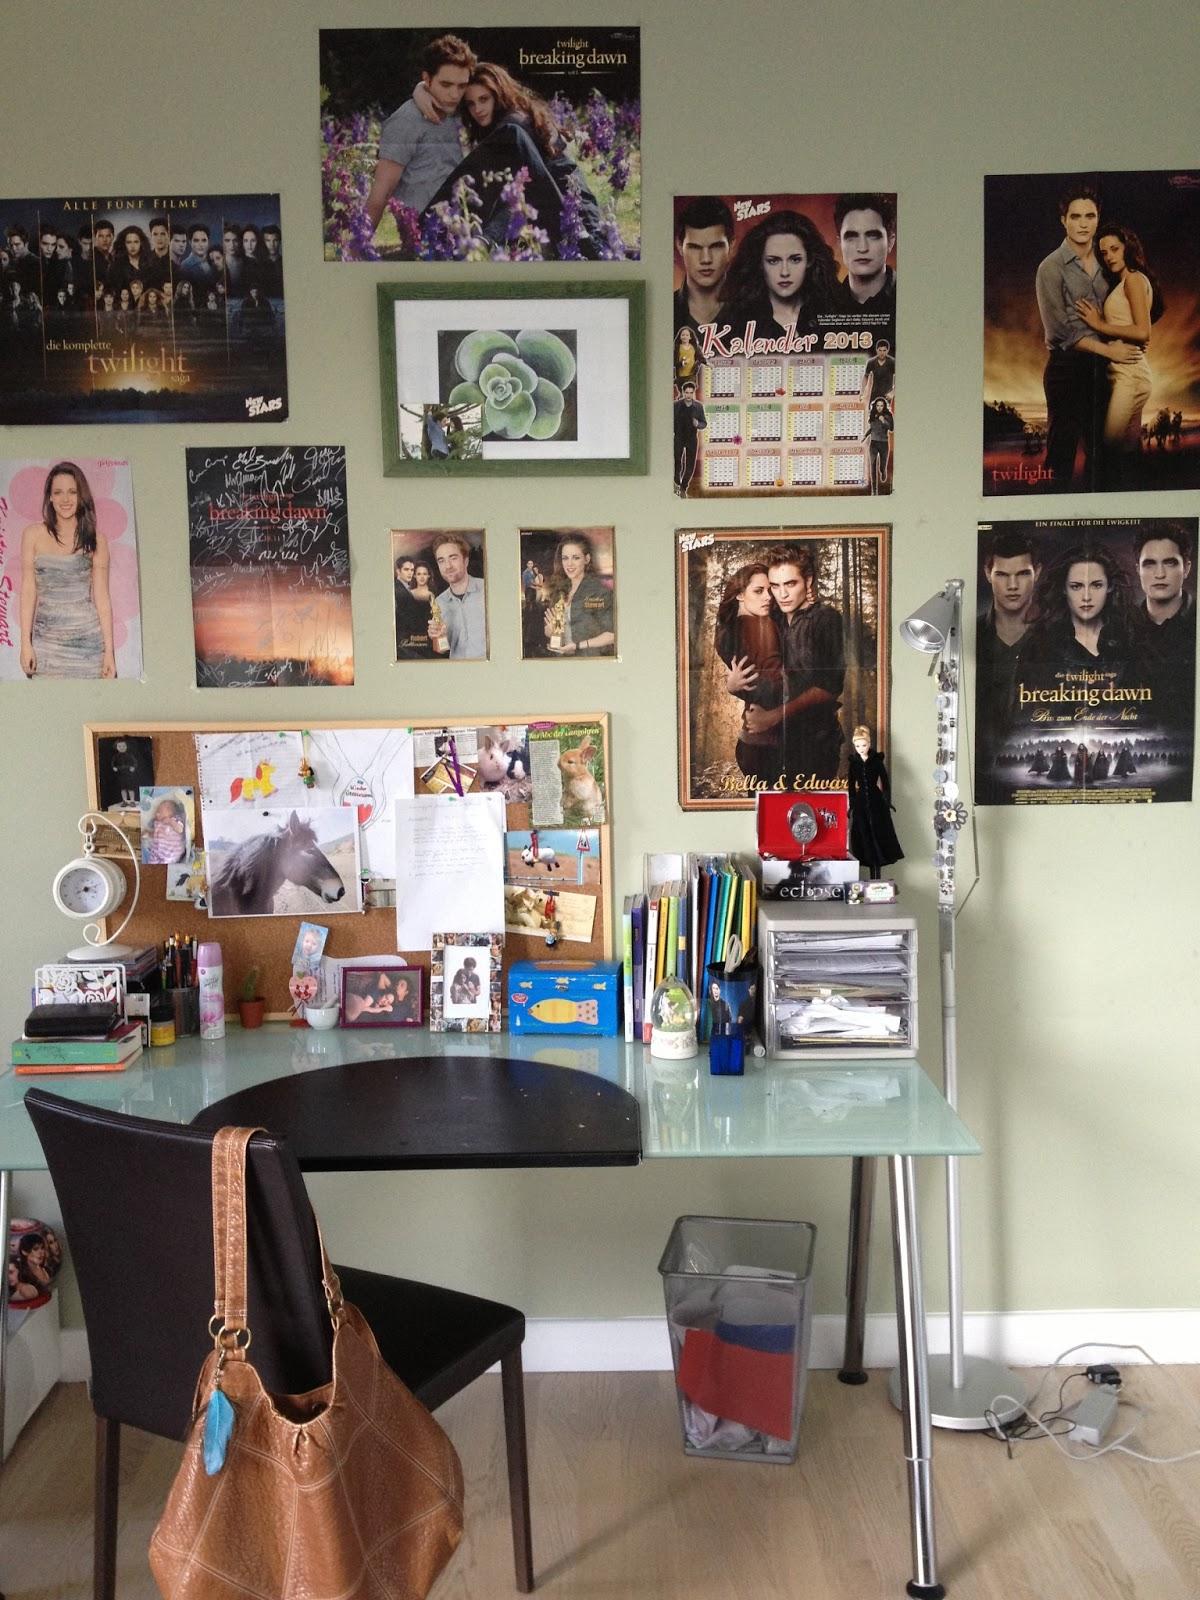 Wie Gestalte Ich Mein Zimmer bellas room: wie gestalte ich ein twilight zimmer?